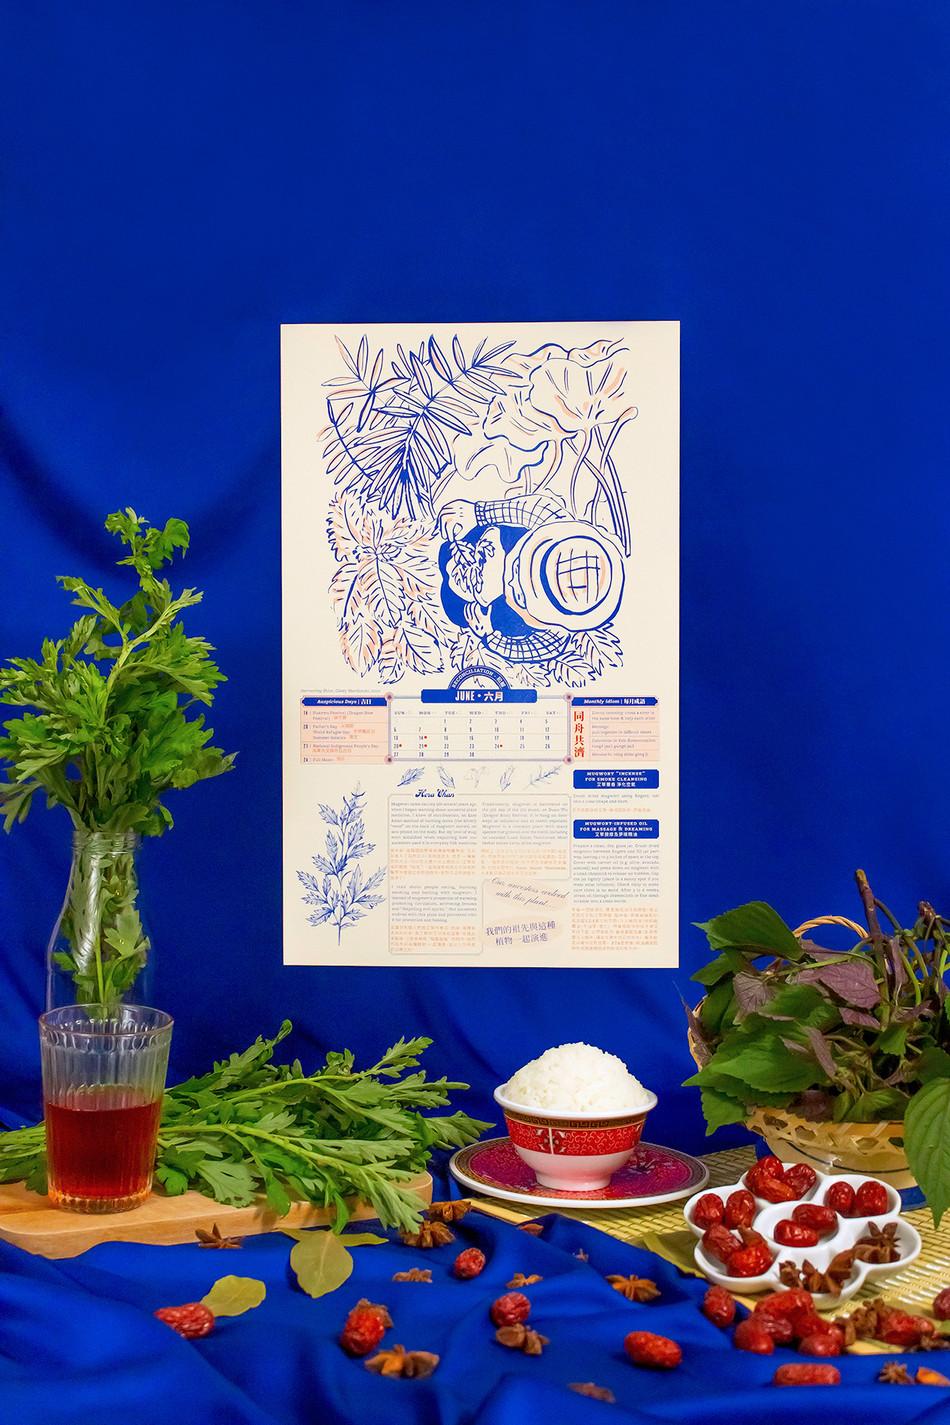 triet-pham-mau-calendar-2021-design-13.j